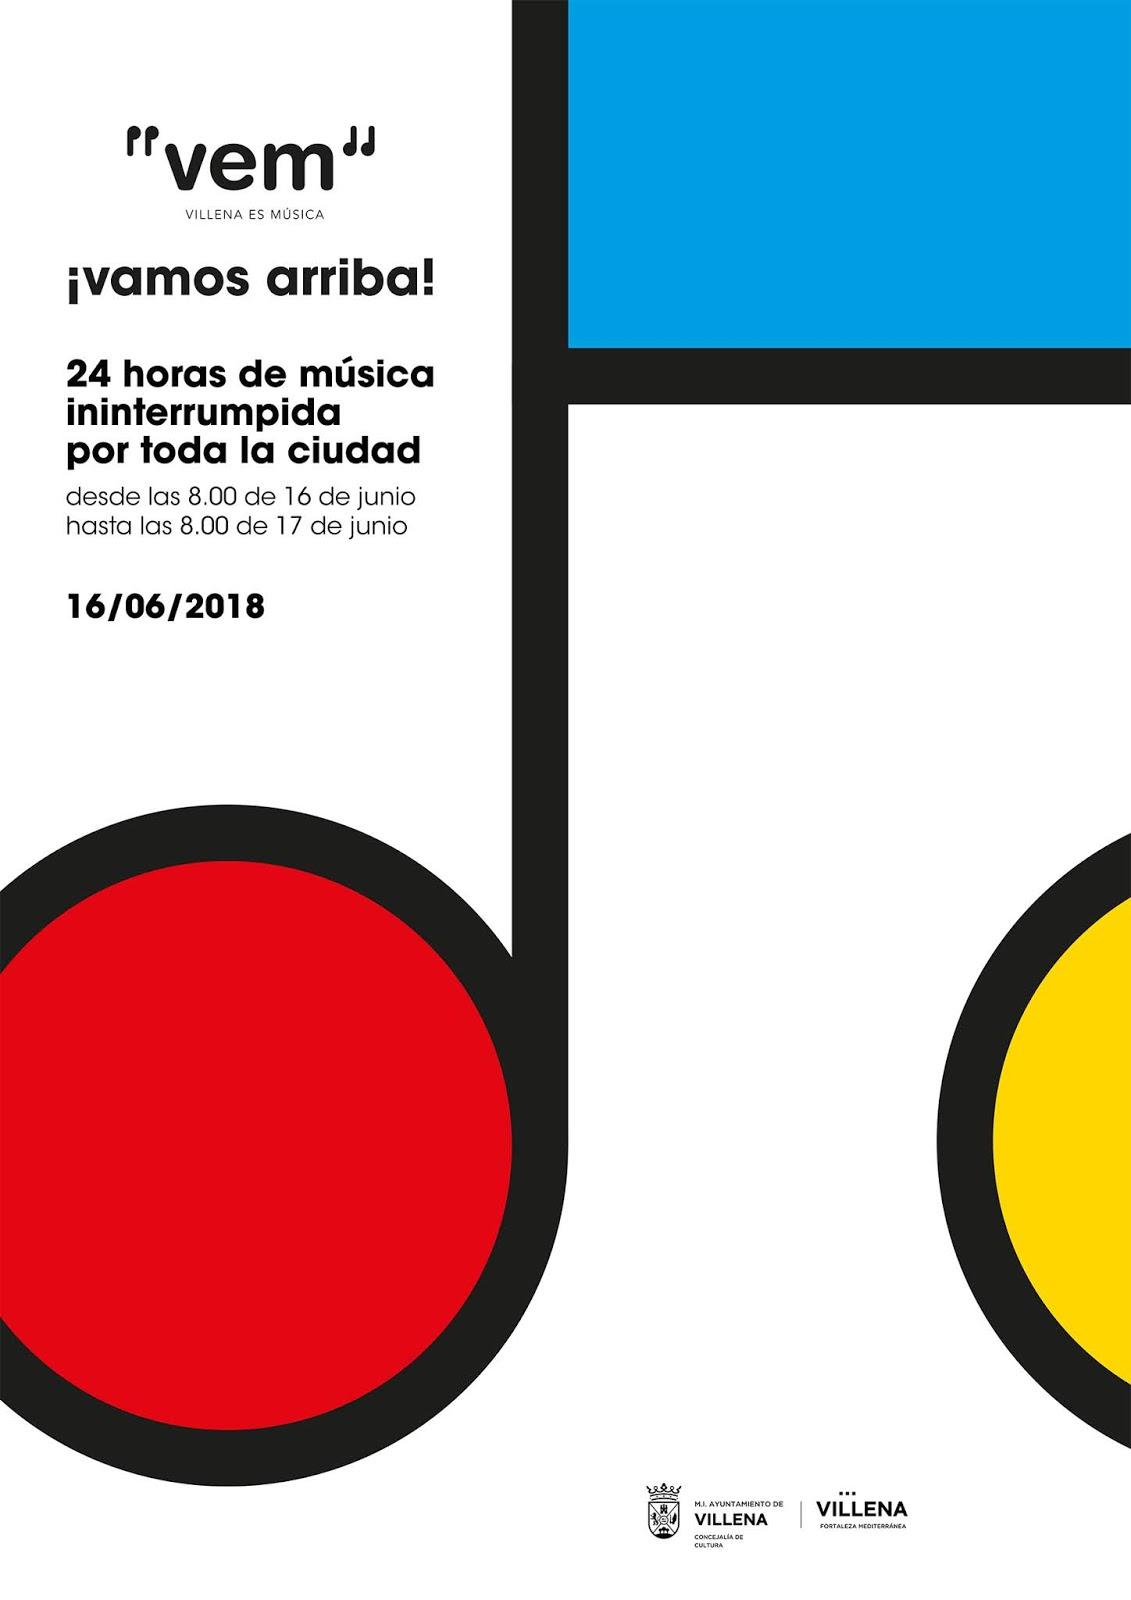 Vem 2018 - Rodeo Diner & Burger - Villena - Alicante